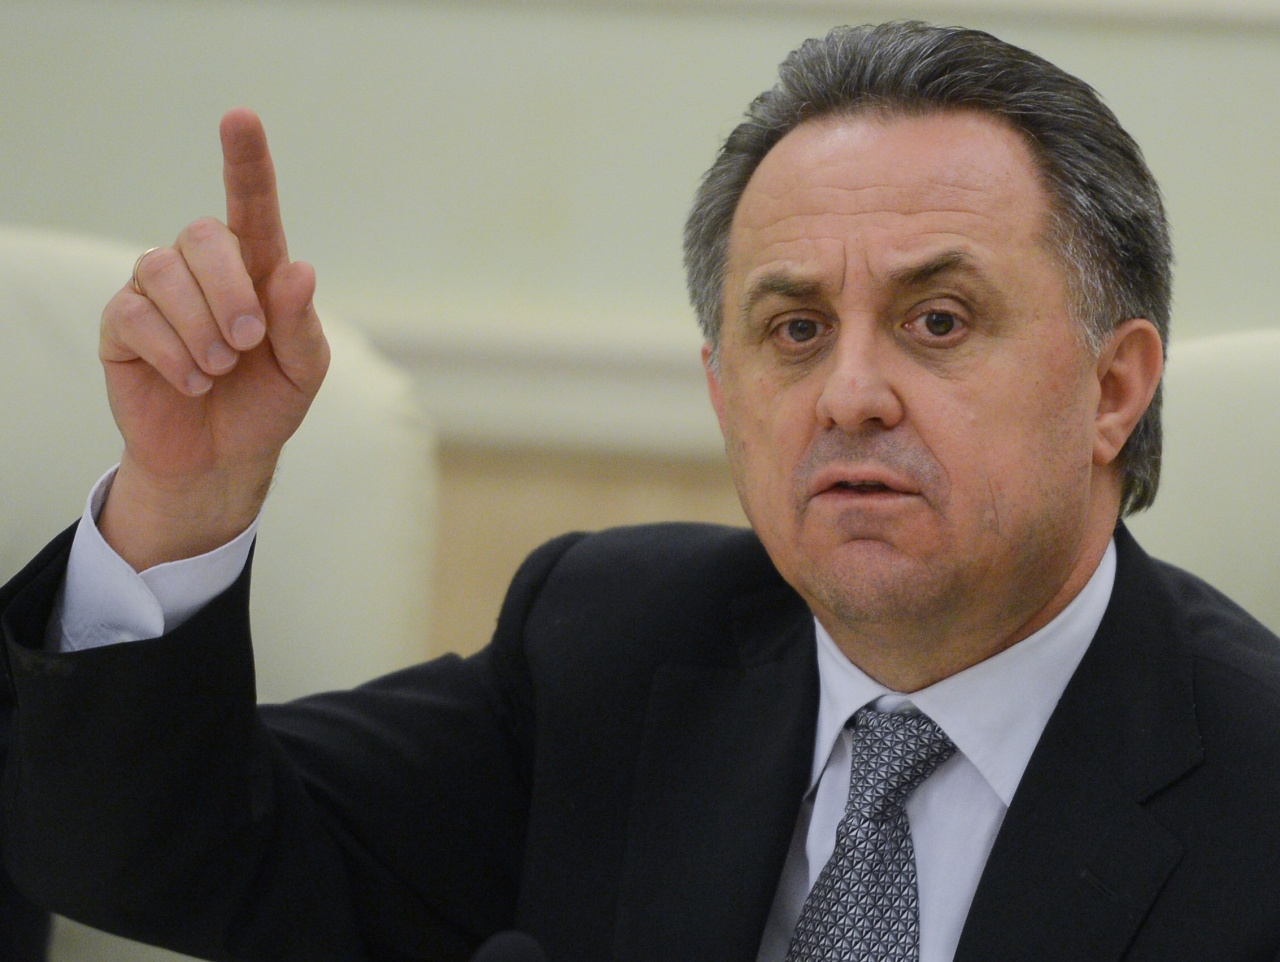 Сборная Российской Федерации может провести выездной матч скомандой Катара